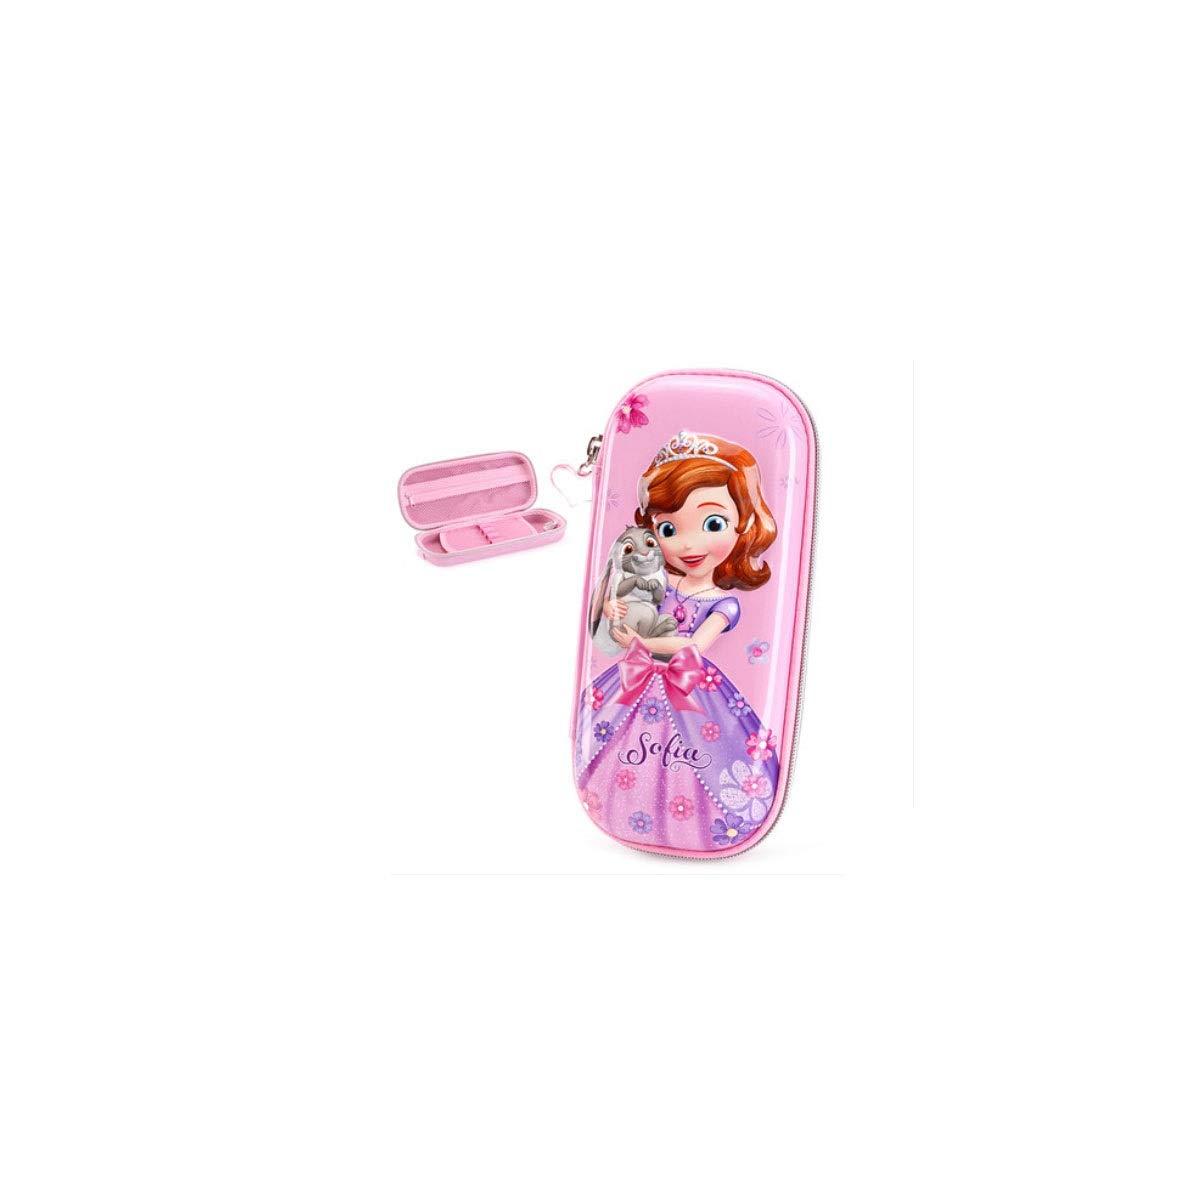 Amazon.com: Estuche escolar de Disney para niñas de la ...